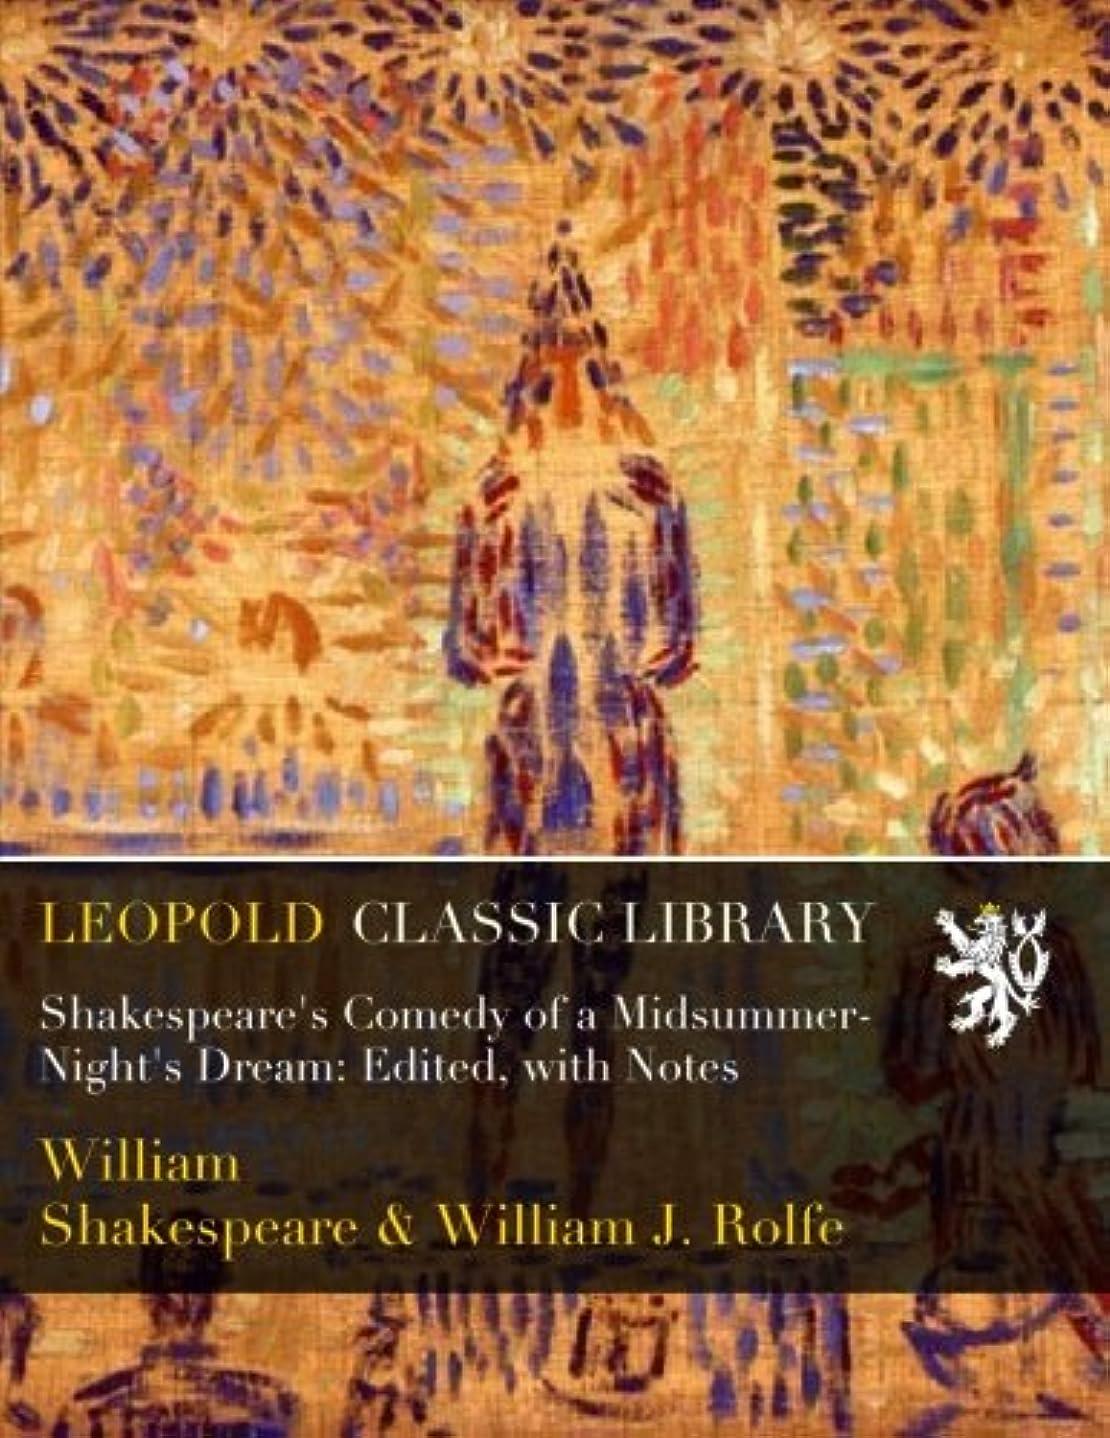 世界に死んだチチカカ湖アルネShakespeare's Comedy of a Midsummer-Night's Dream: Edited, with Notes